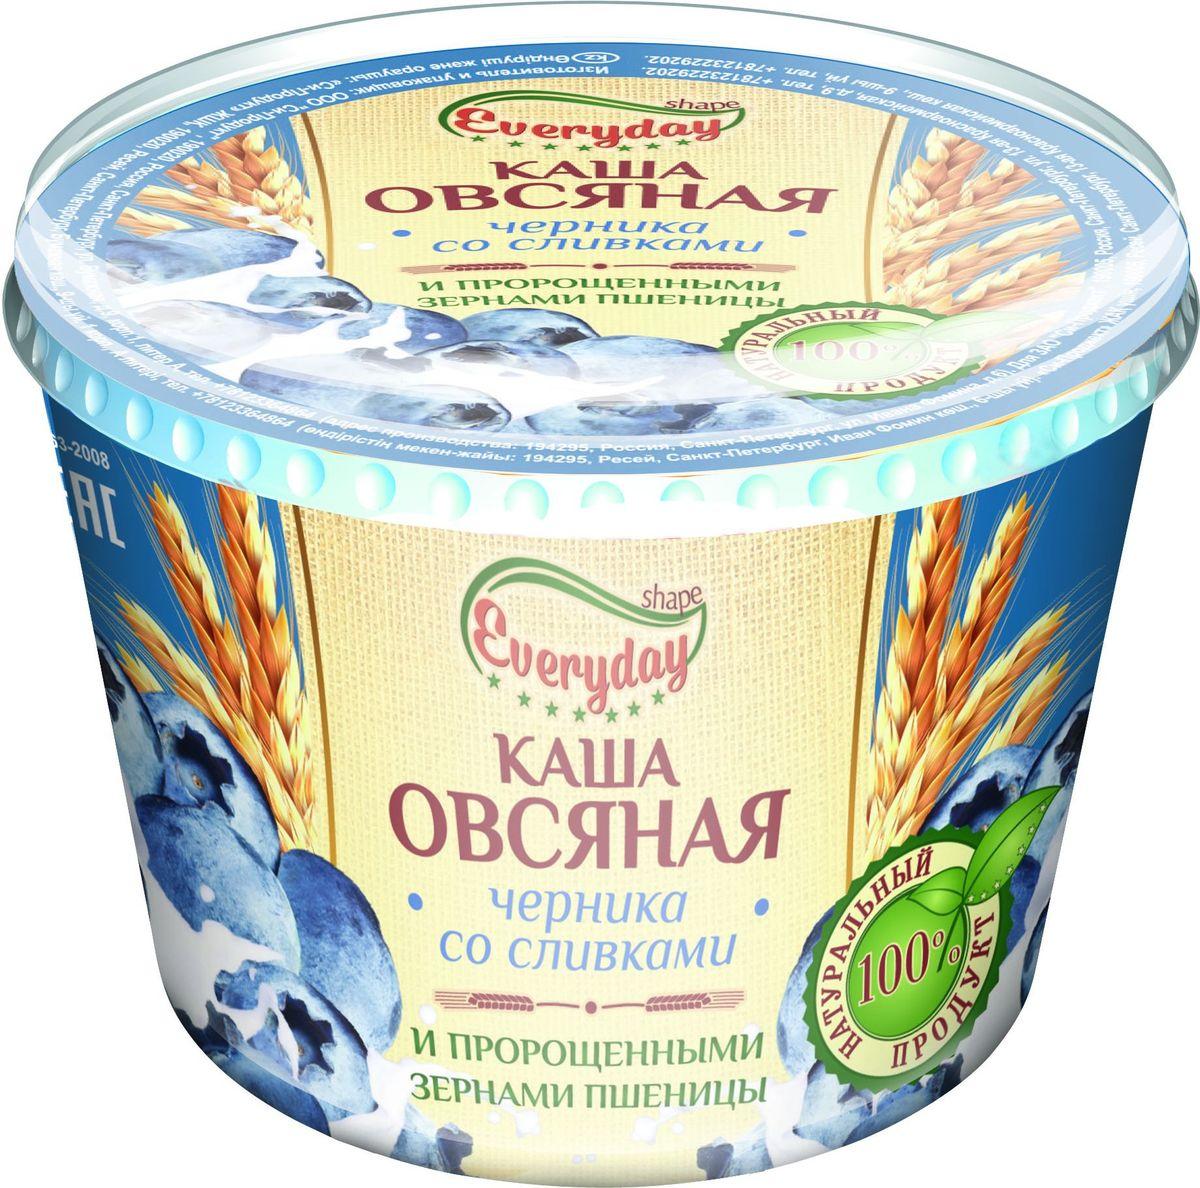 Everyday Каша овсяная черника со сливками, 43 г